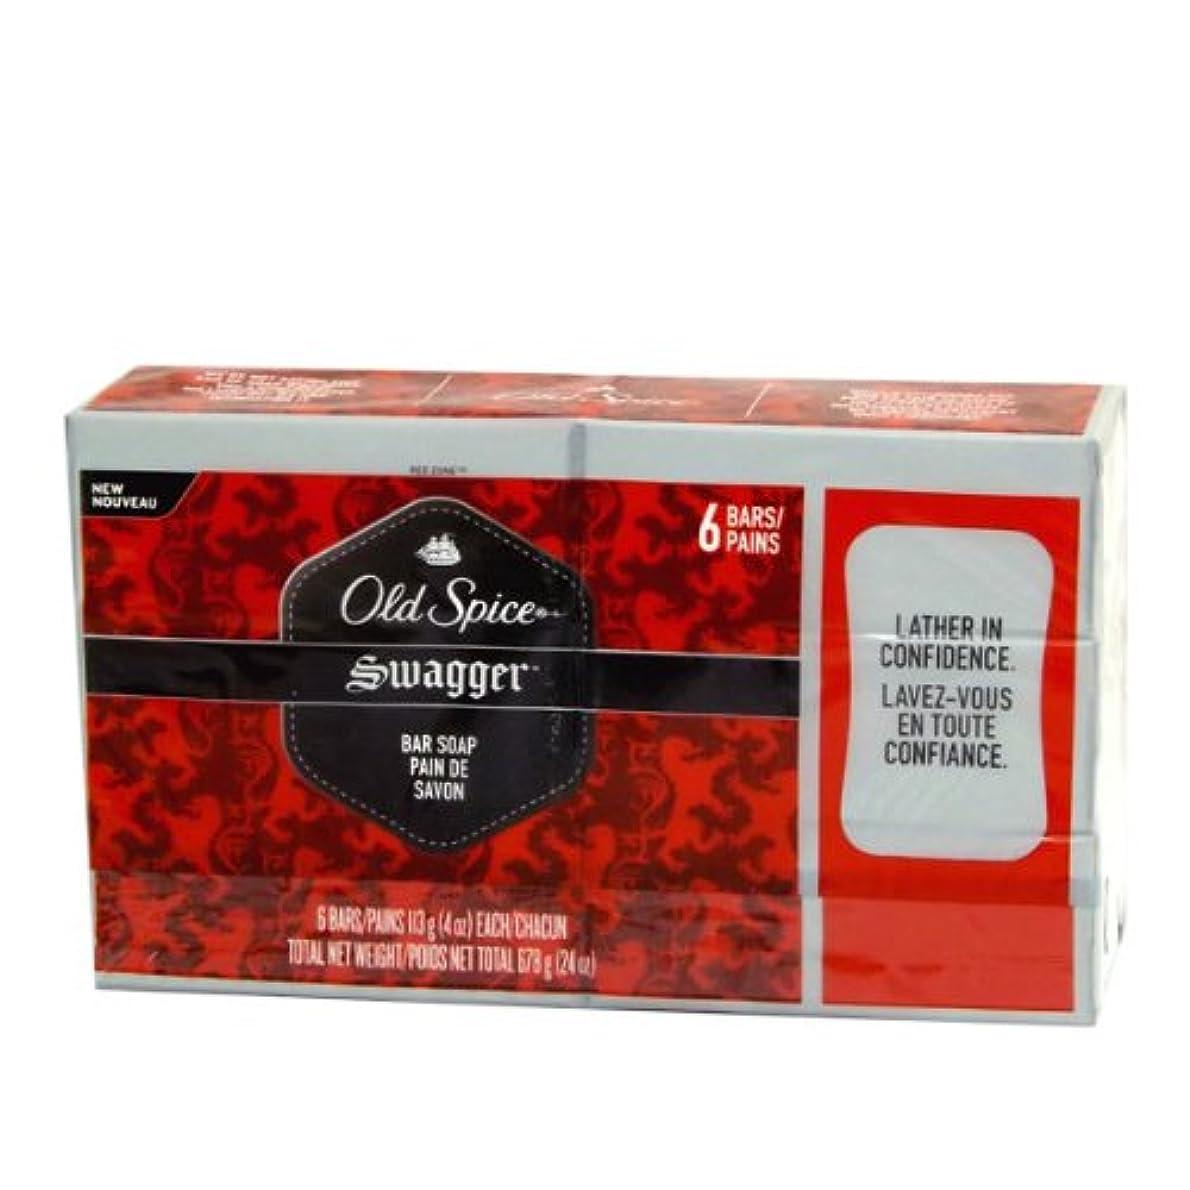 機関硬化する偽装するOld spice bar soap swagger オールドスパイス バーソープ スワガー (石鹸) 6個パック [並行輸入品]